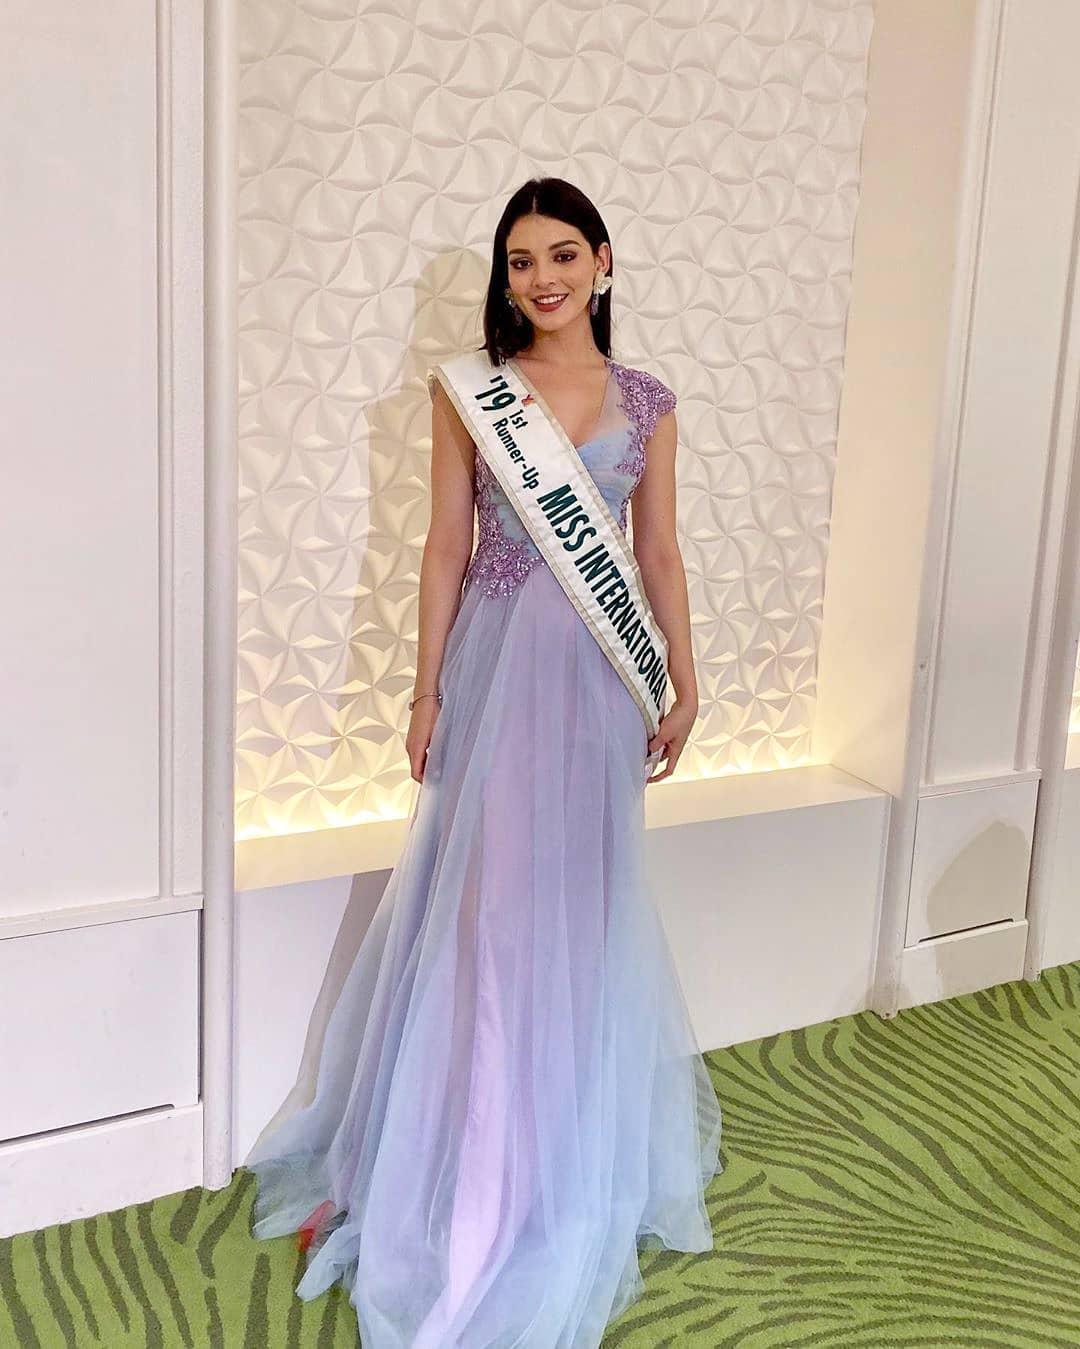 andrea toscano, 1st runner-up de miss international 2019. - Página 43 74649512